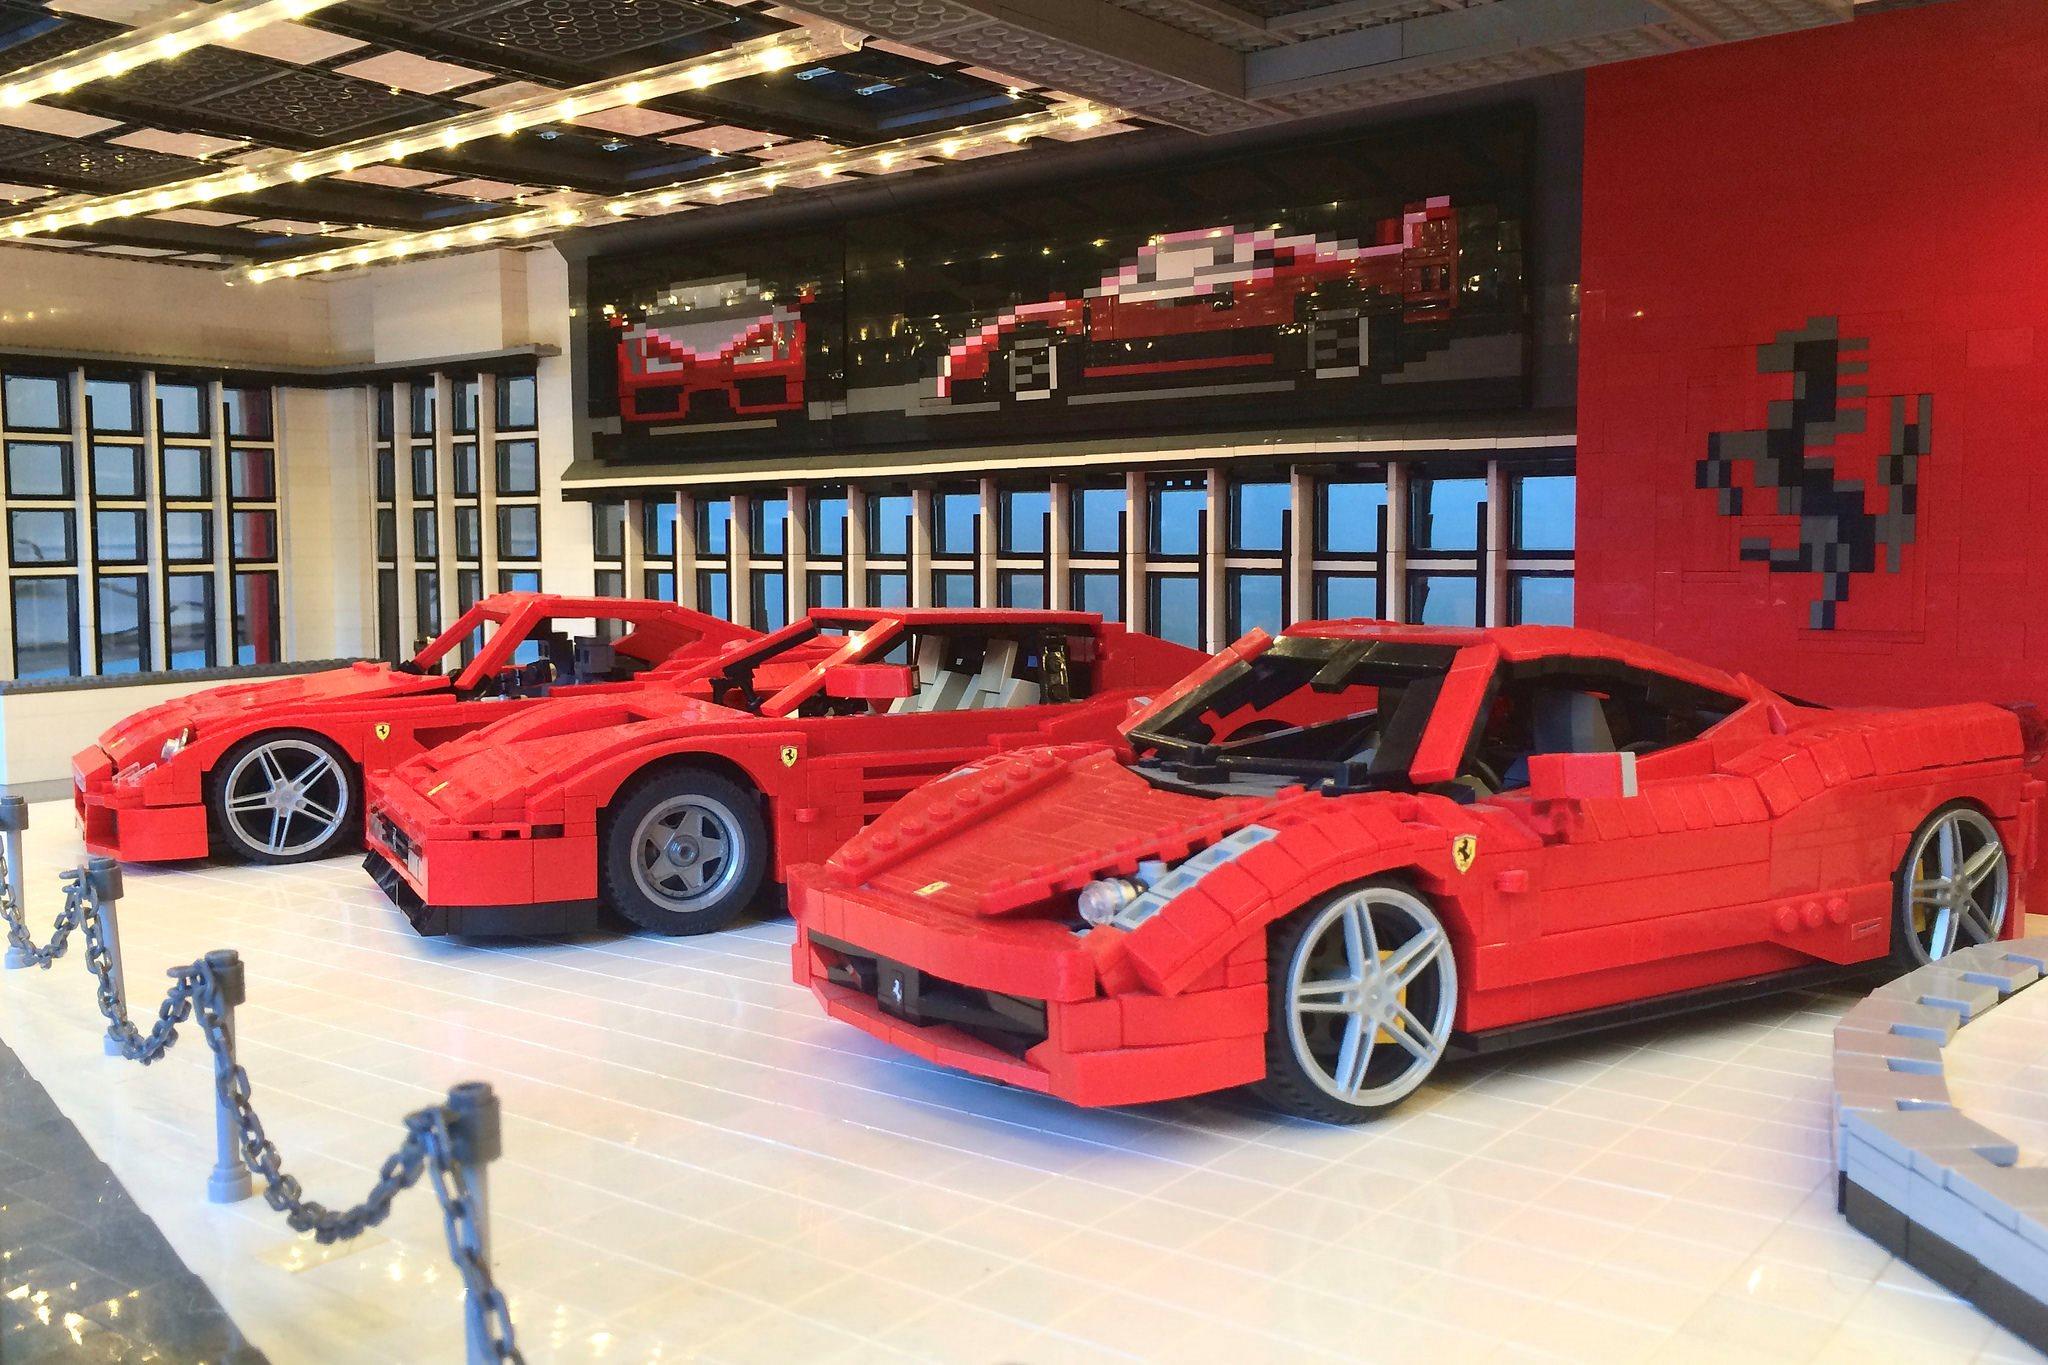 Lego Ferrari dealership cars